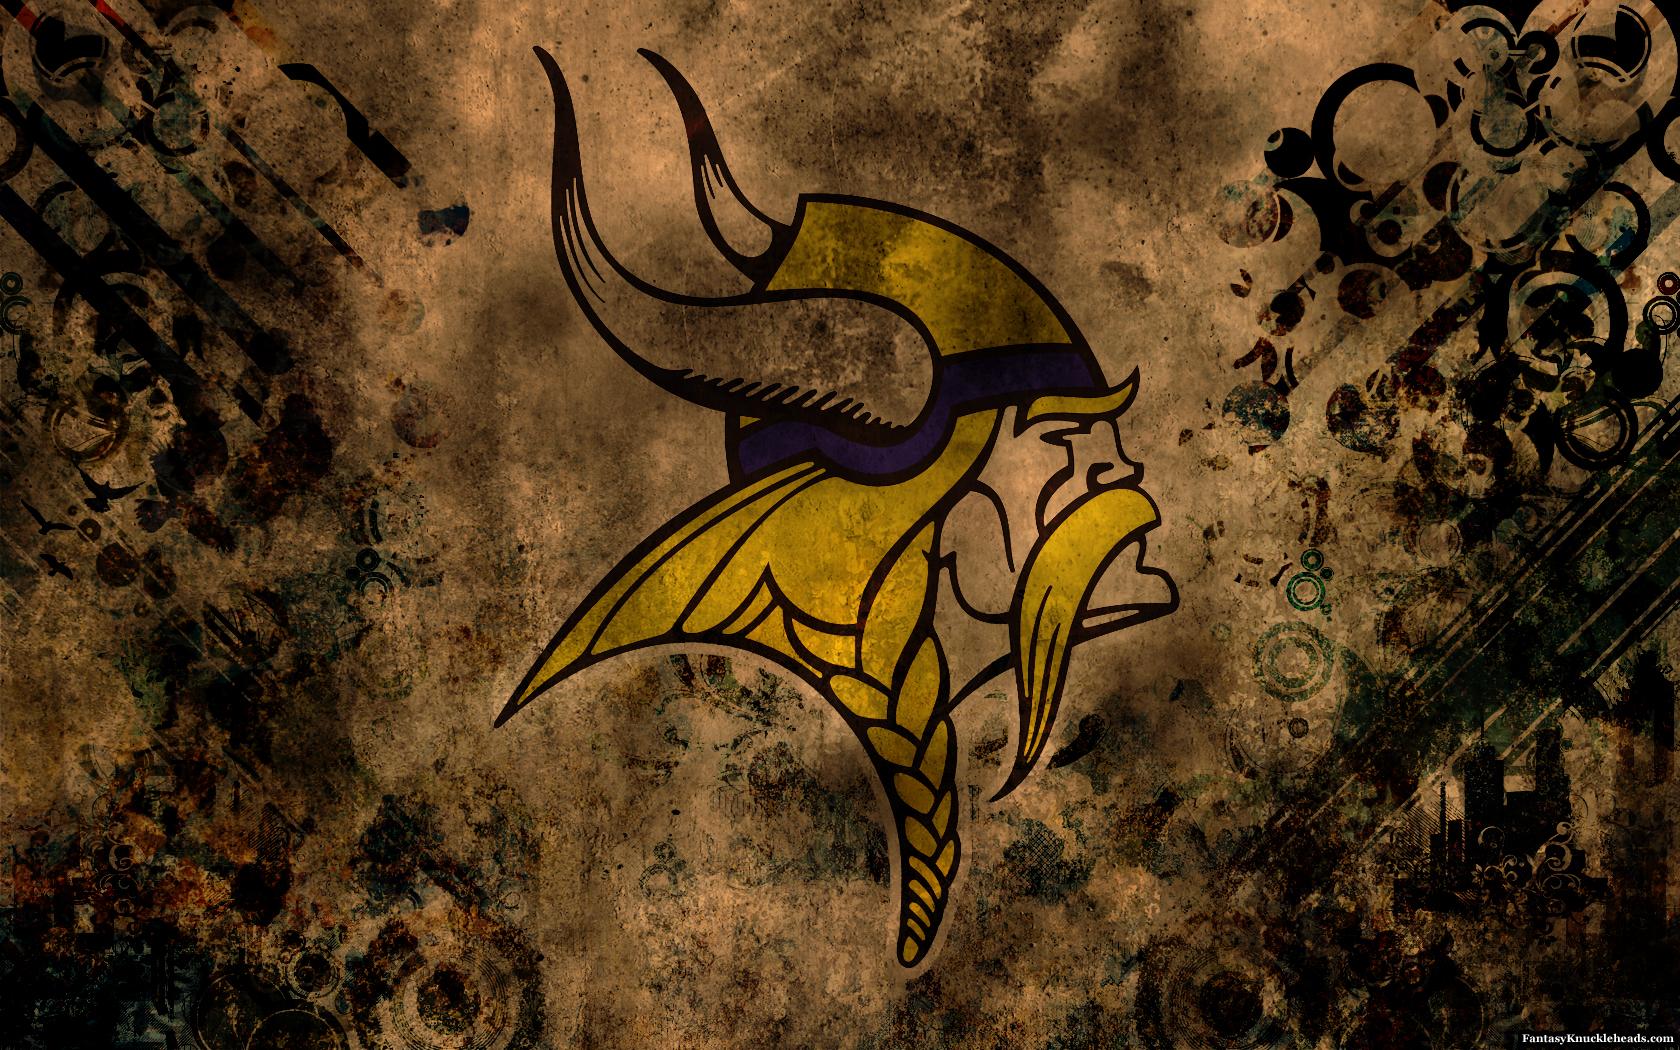 44+ Vikings Desktop Wallpaper on WallpaperSafari